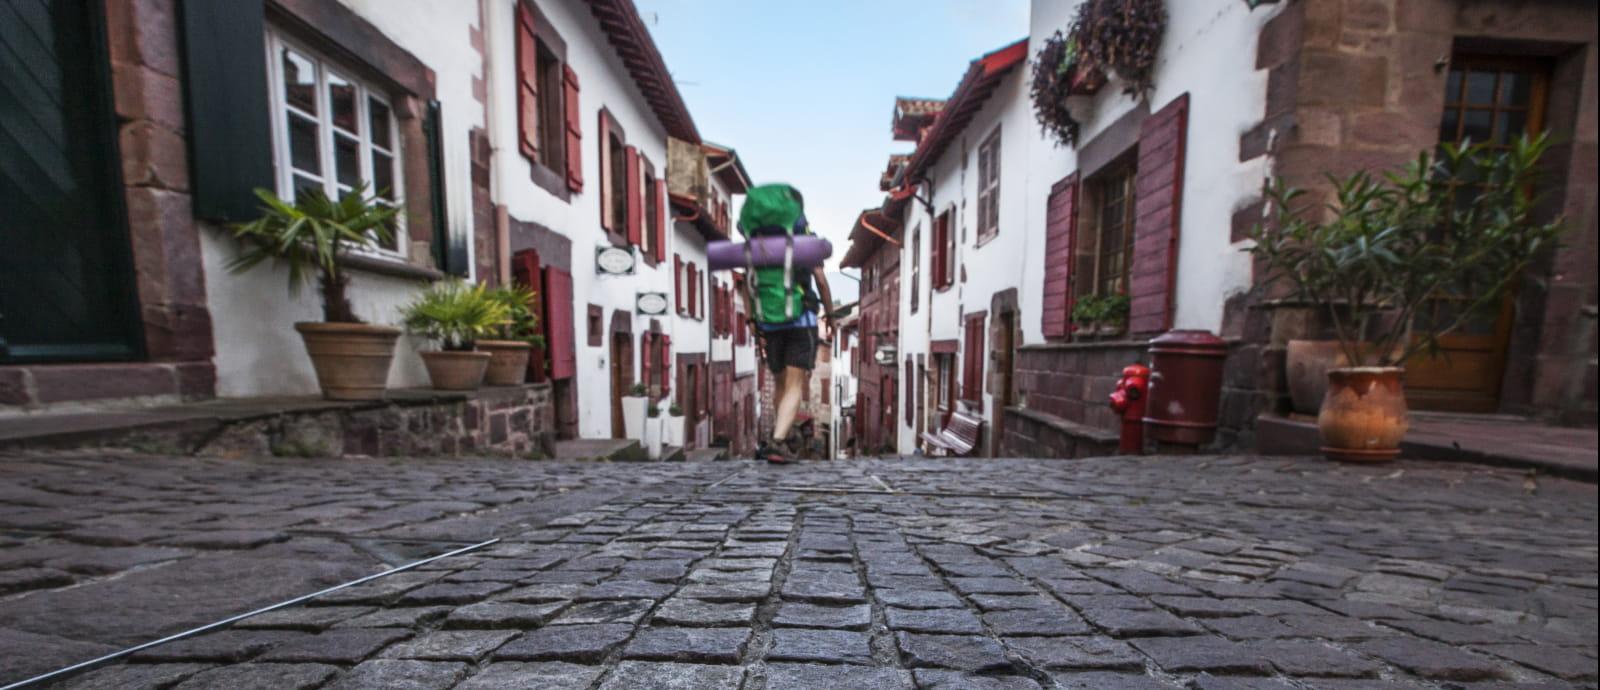 pelerins en route vers saint jacques de compostelle dans la rue de la citadelle de saint jean pied de port